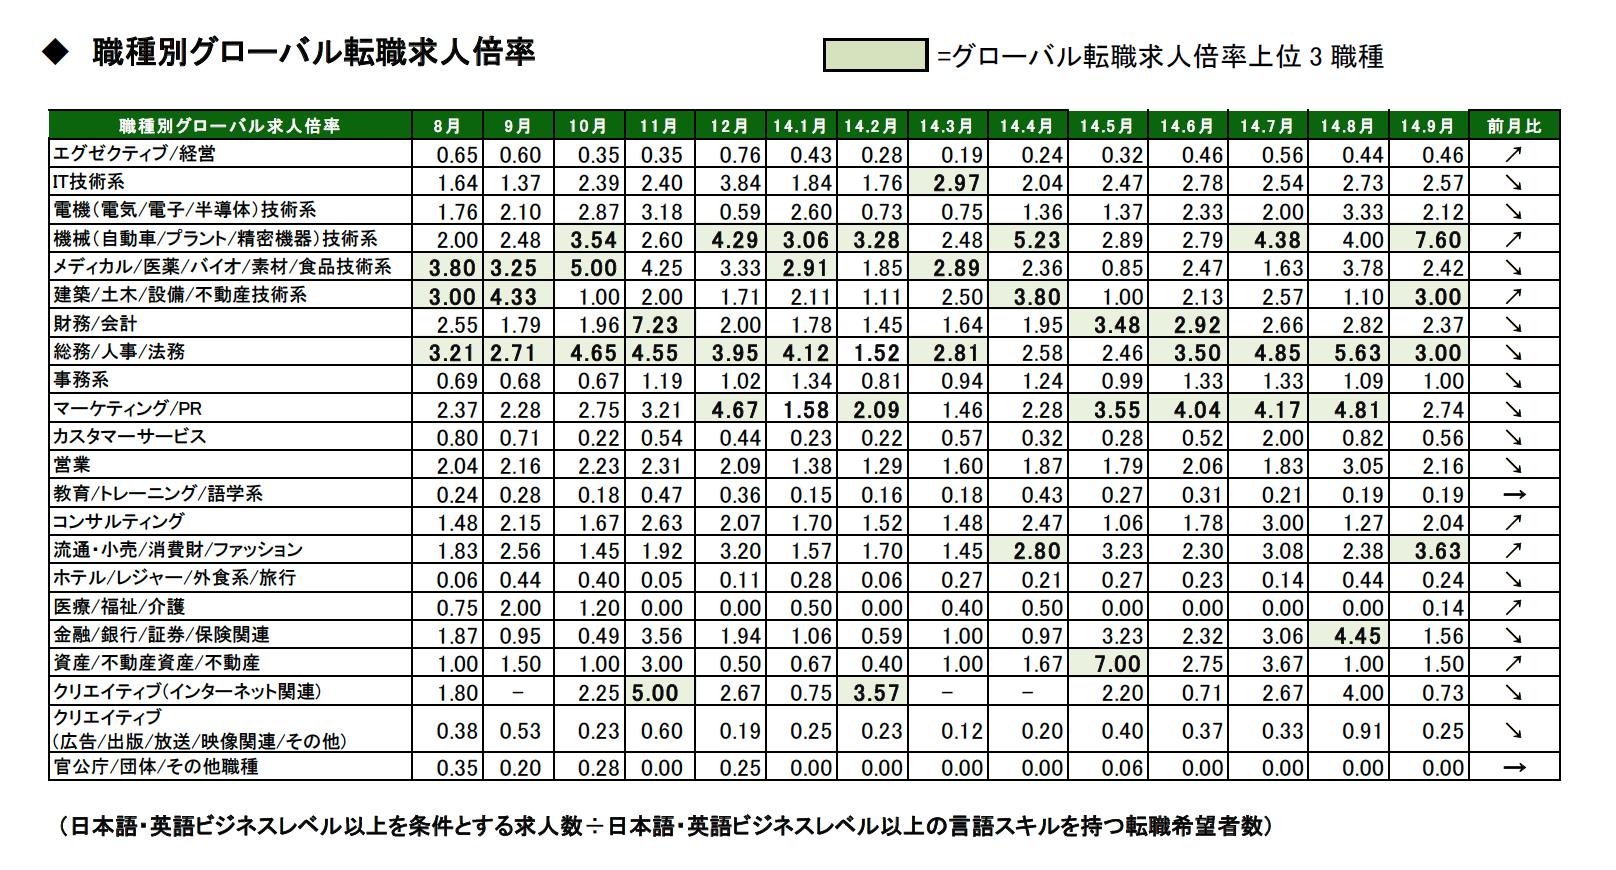 スクリーンショット 2014-10-22 14.49.21